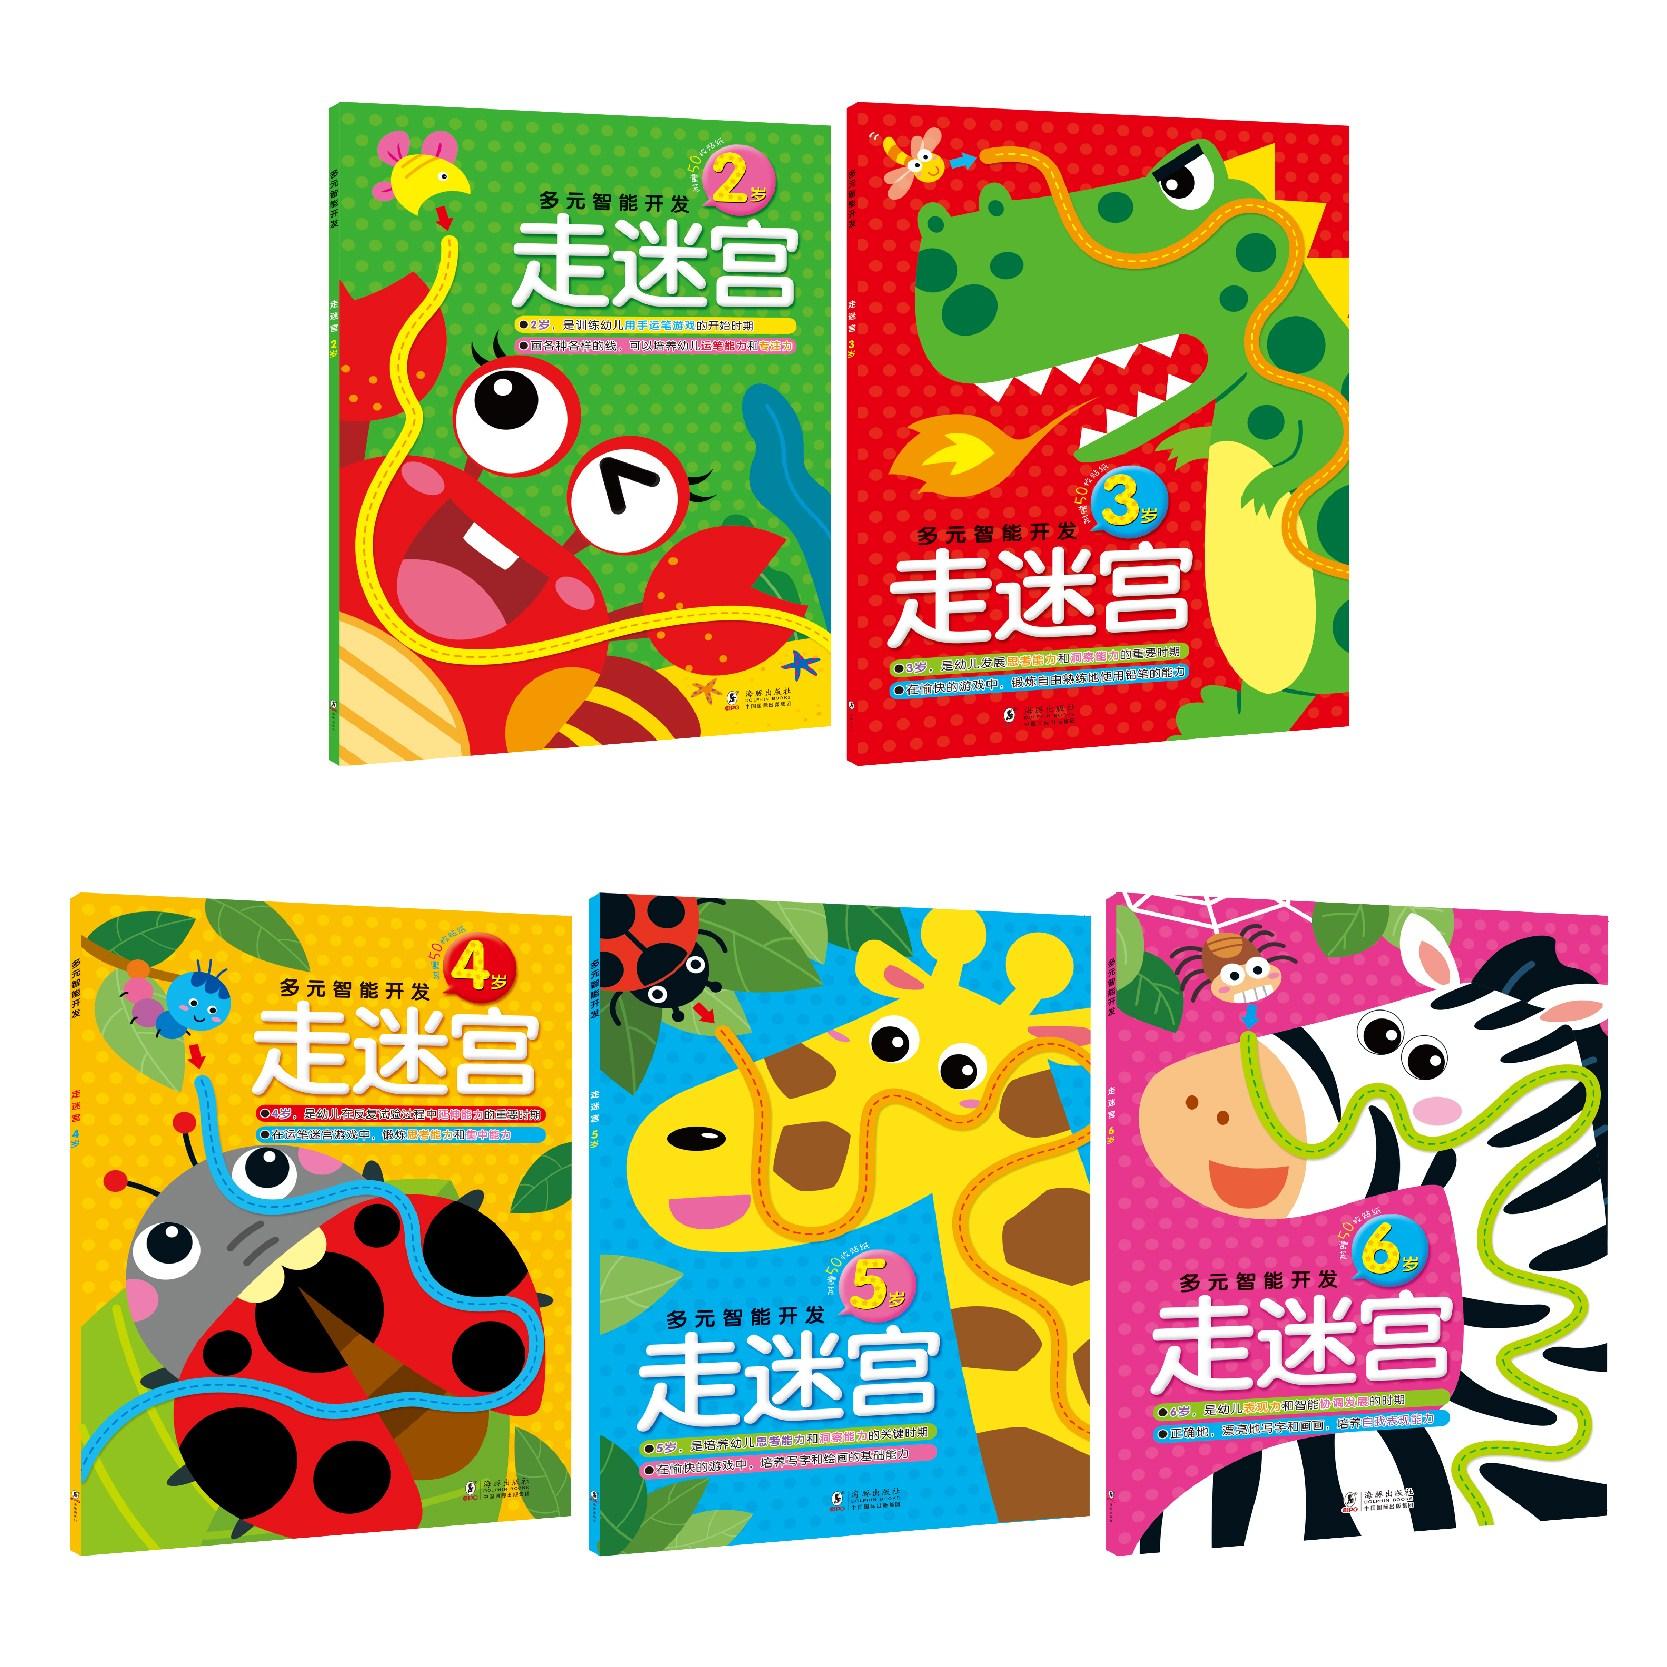 Het doolhof 2-3-4-5-6 jaar oud kind, de ontwikkeling van het potentieel van intellectuele boeken concentreren op voorschools onderwijs van kinderen van boeken.